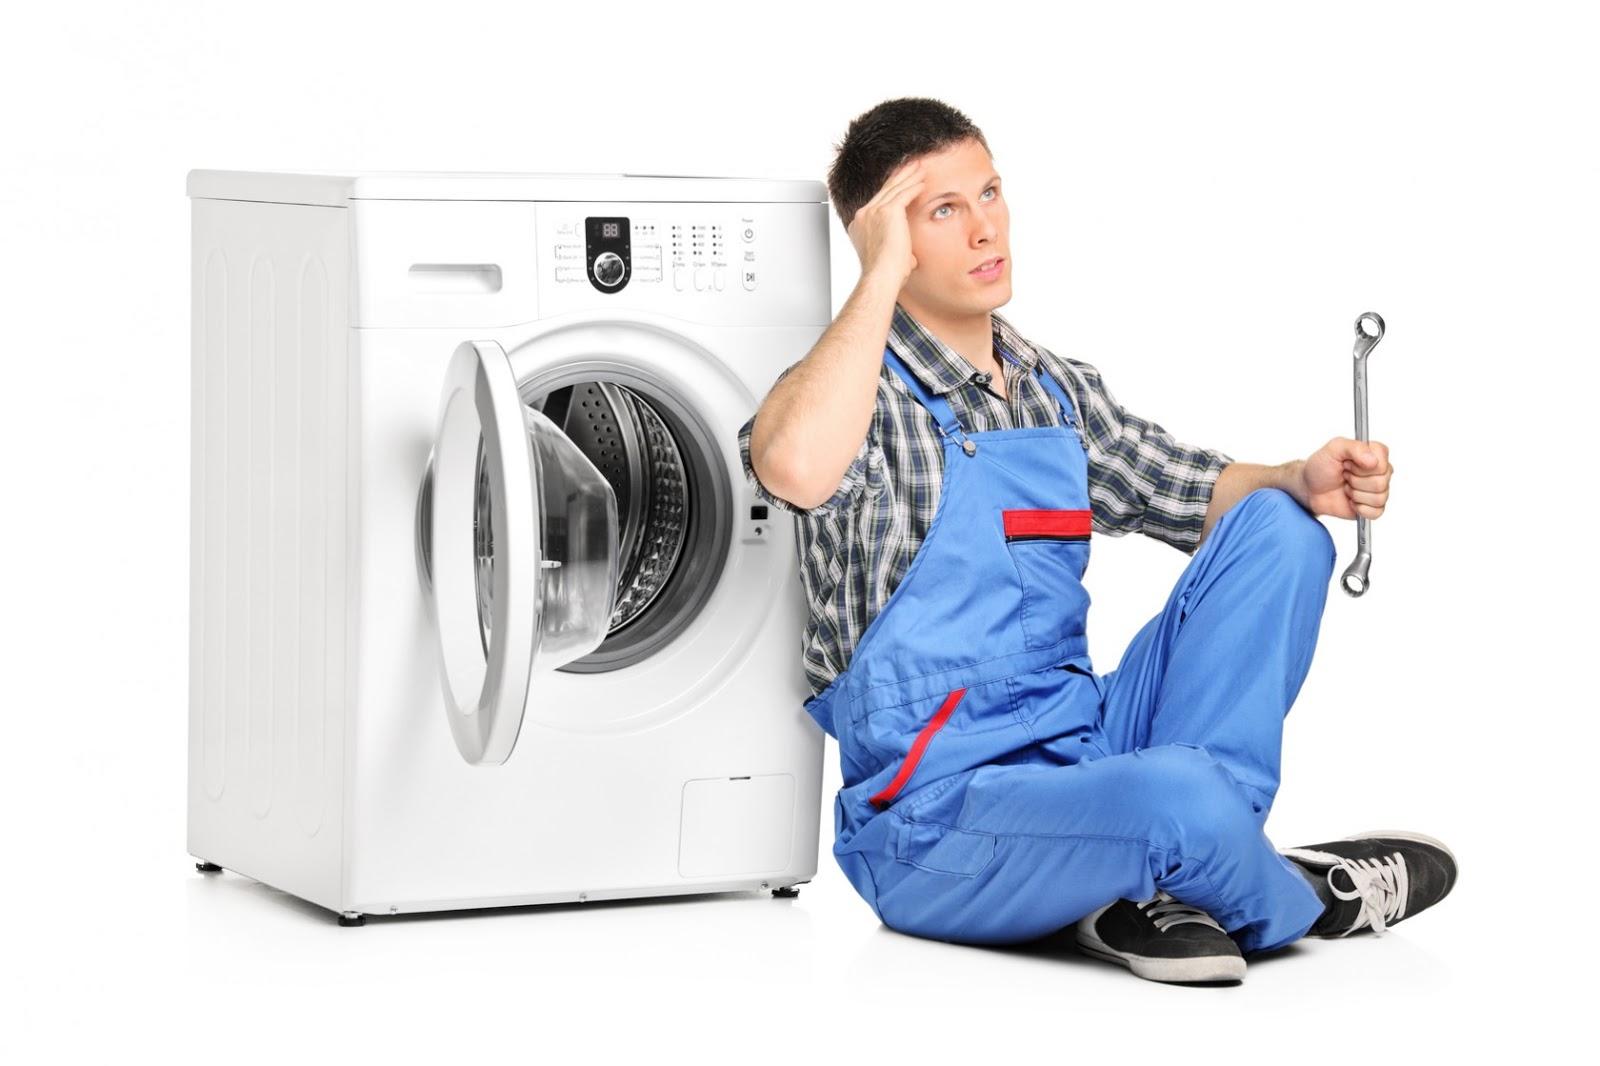 bảo dưỡng và sửa chữa máy giặt